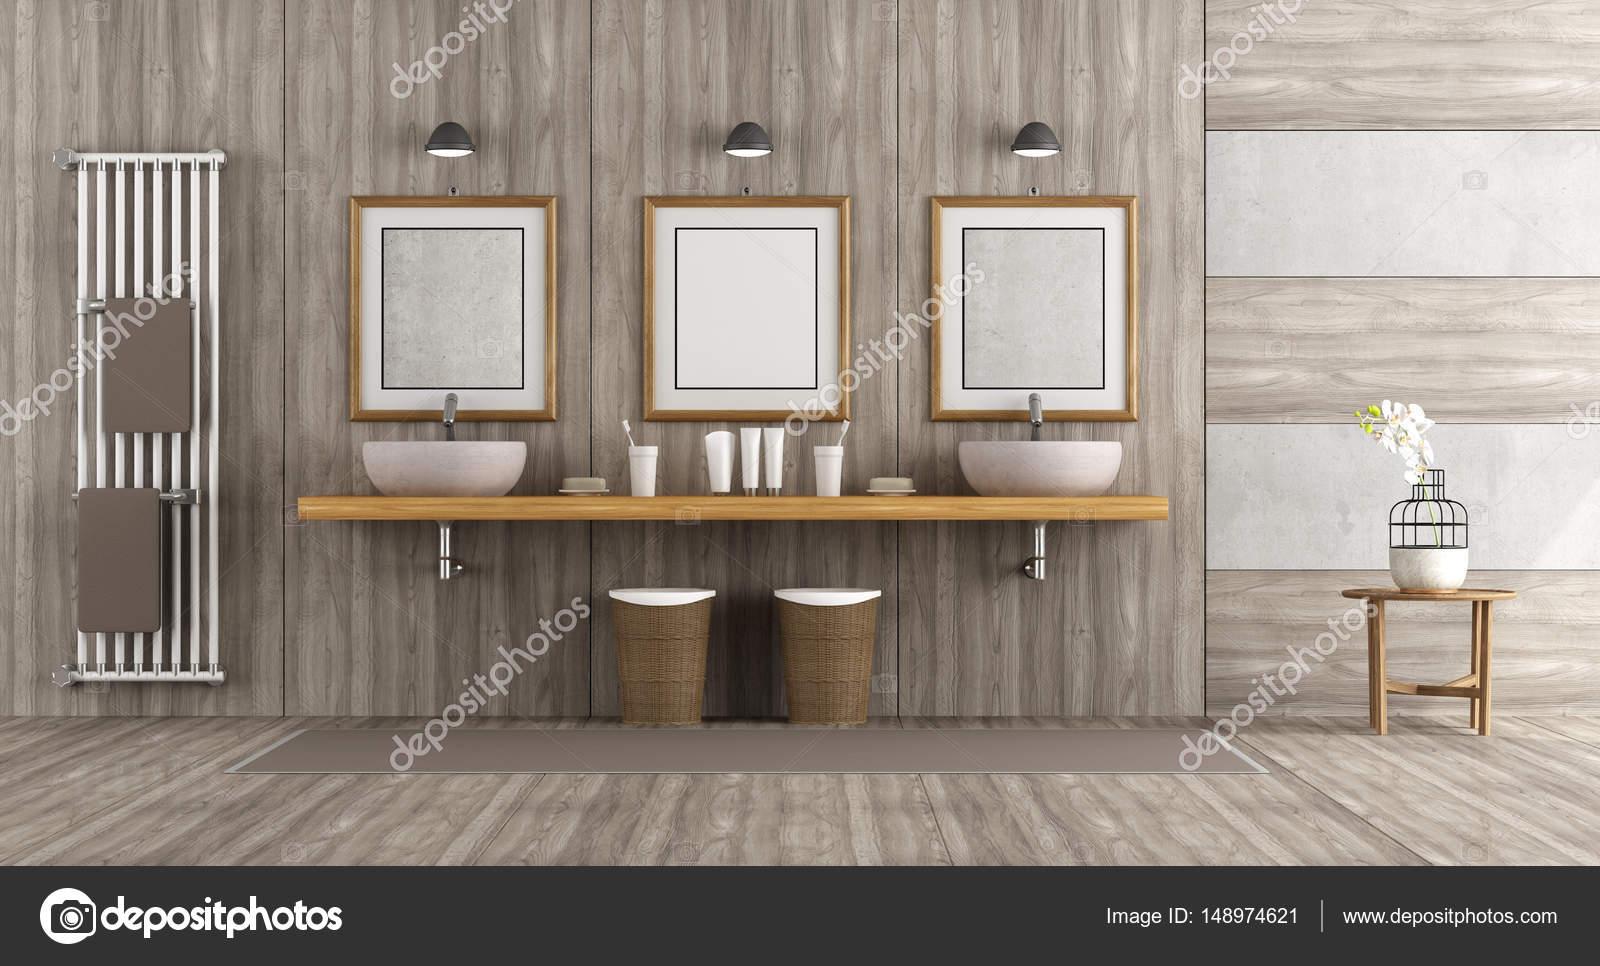 Beton cire badkamer luxe met weinig onderhoud betonlook badkamer